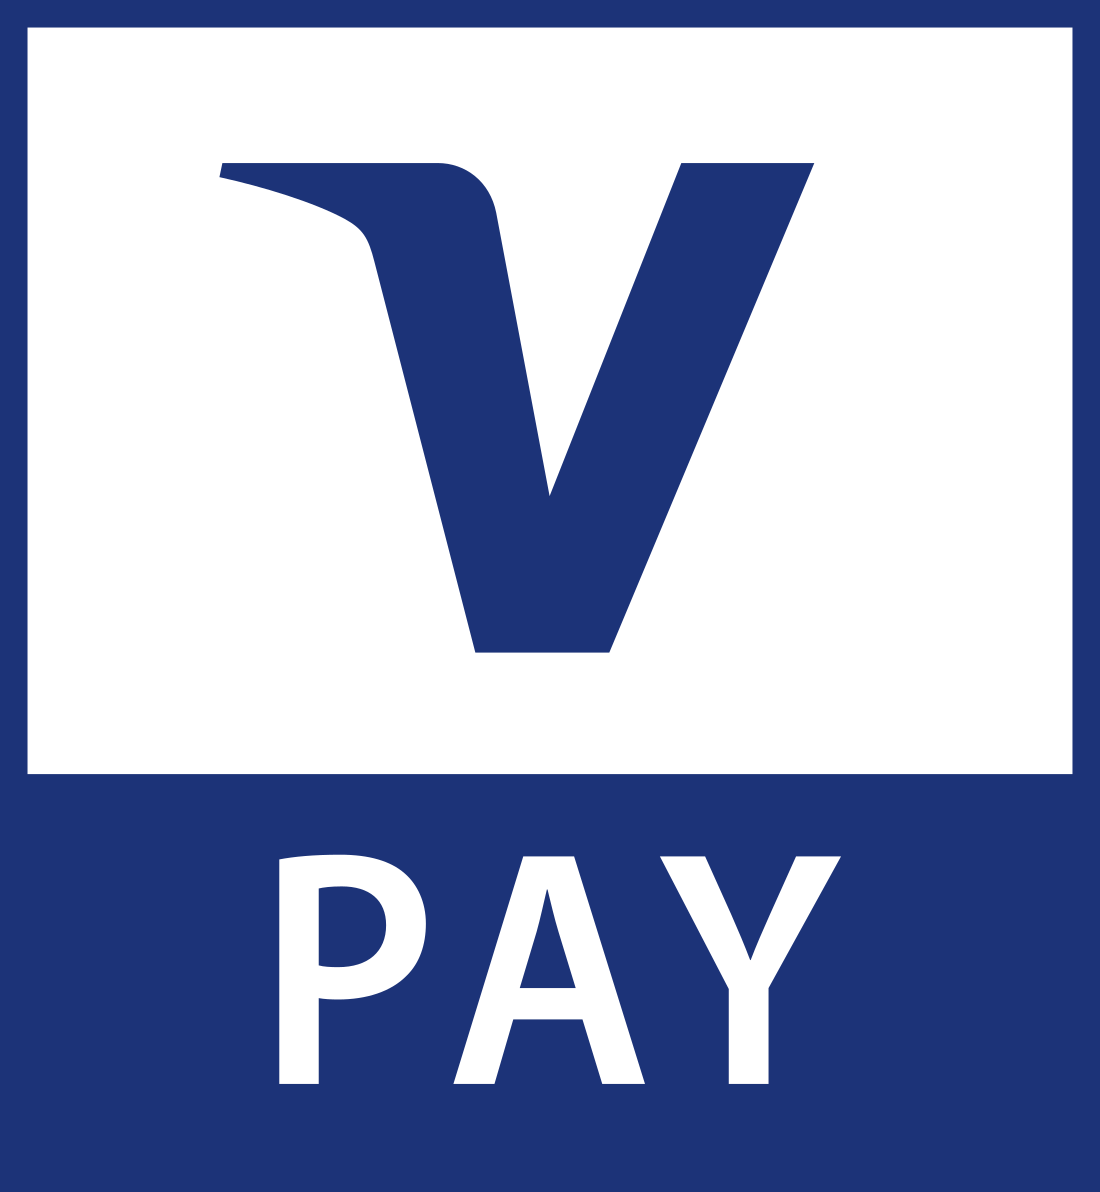 vpay logo 2 - V Pay Logo